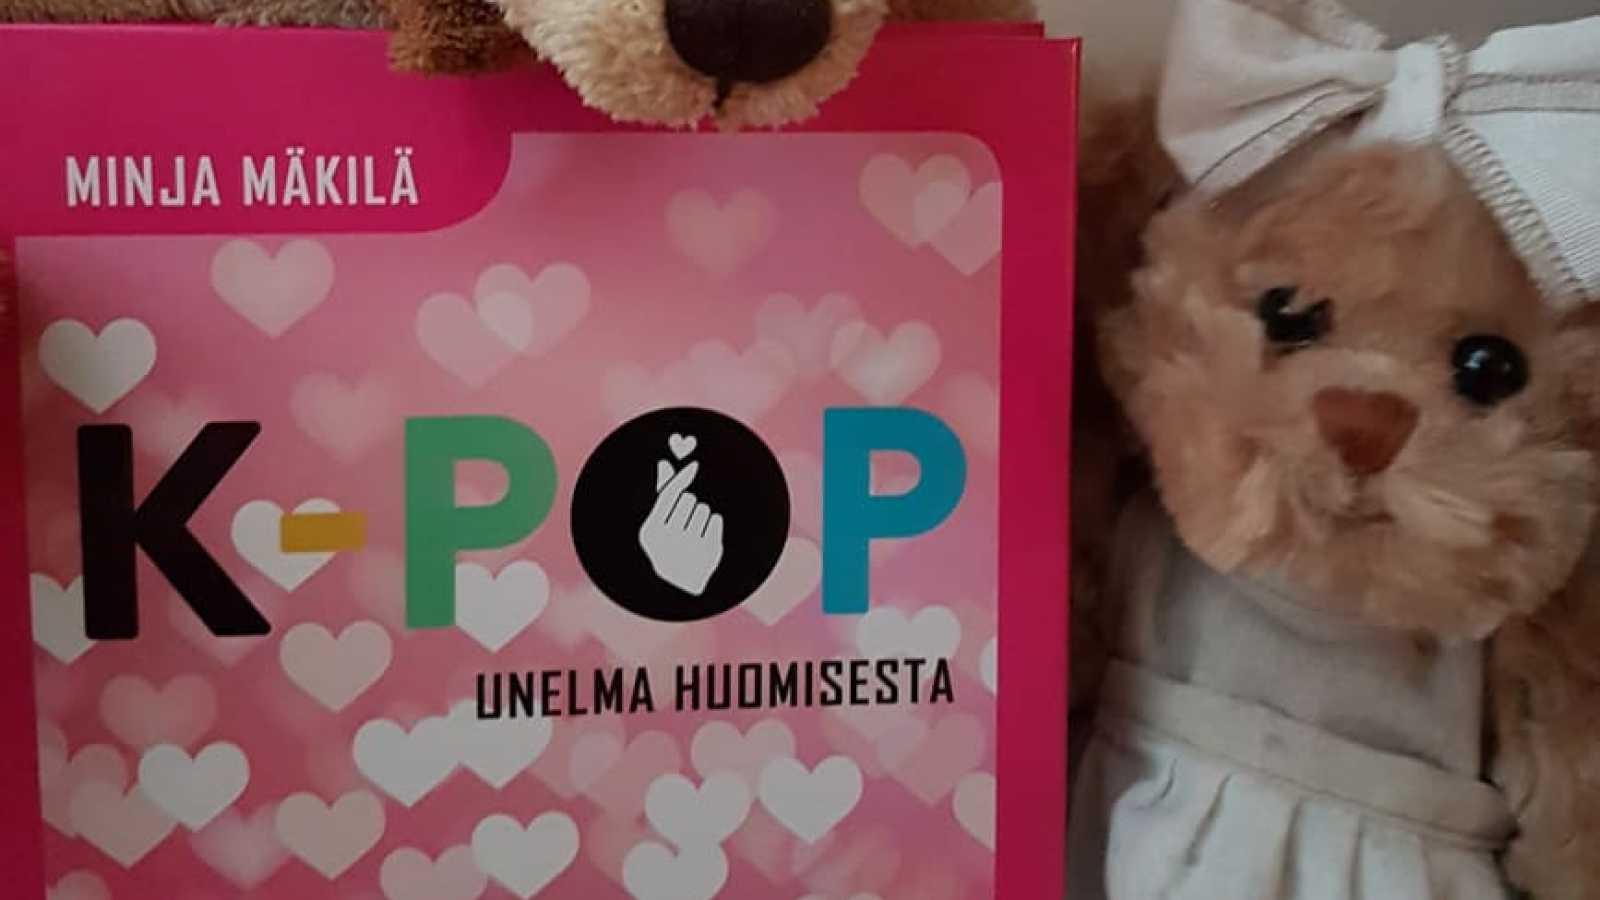 Kirjavinkkaus: Minja Mäkilän K-Pop – unelma huomisesta